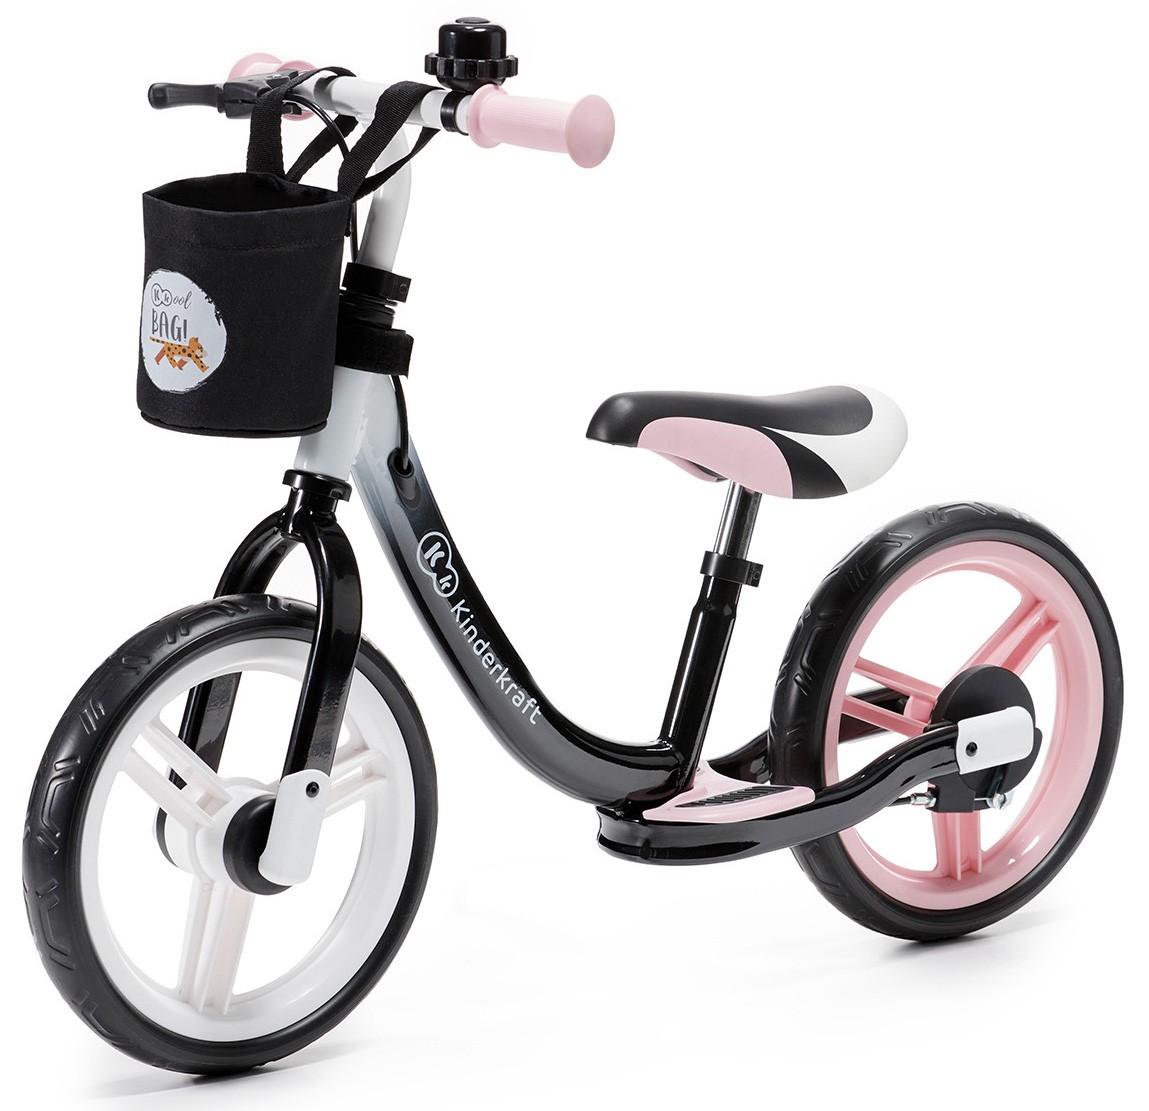 Bici Senza Pedali Space Pink